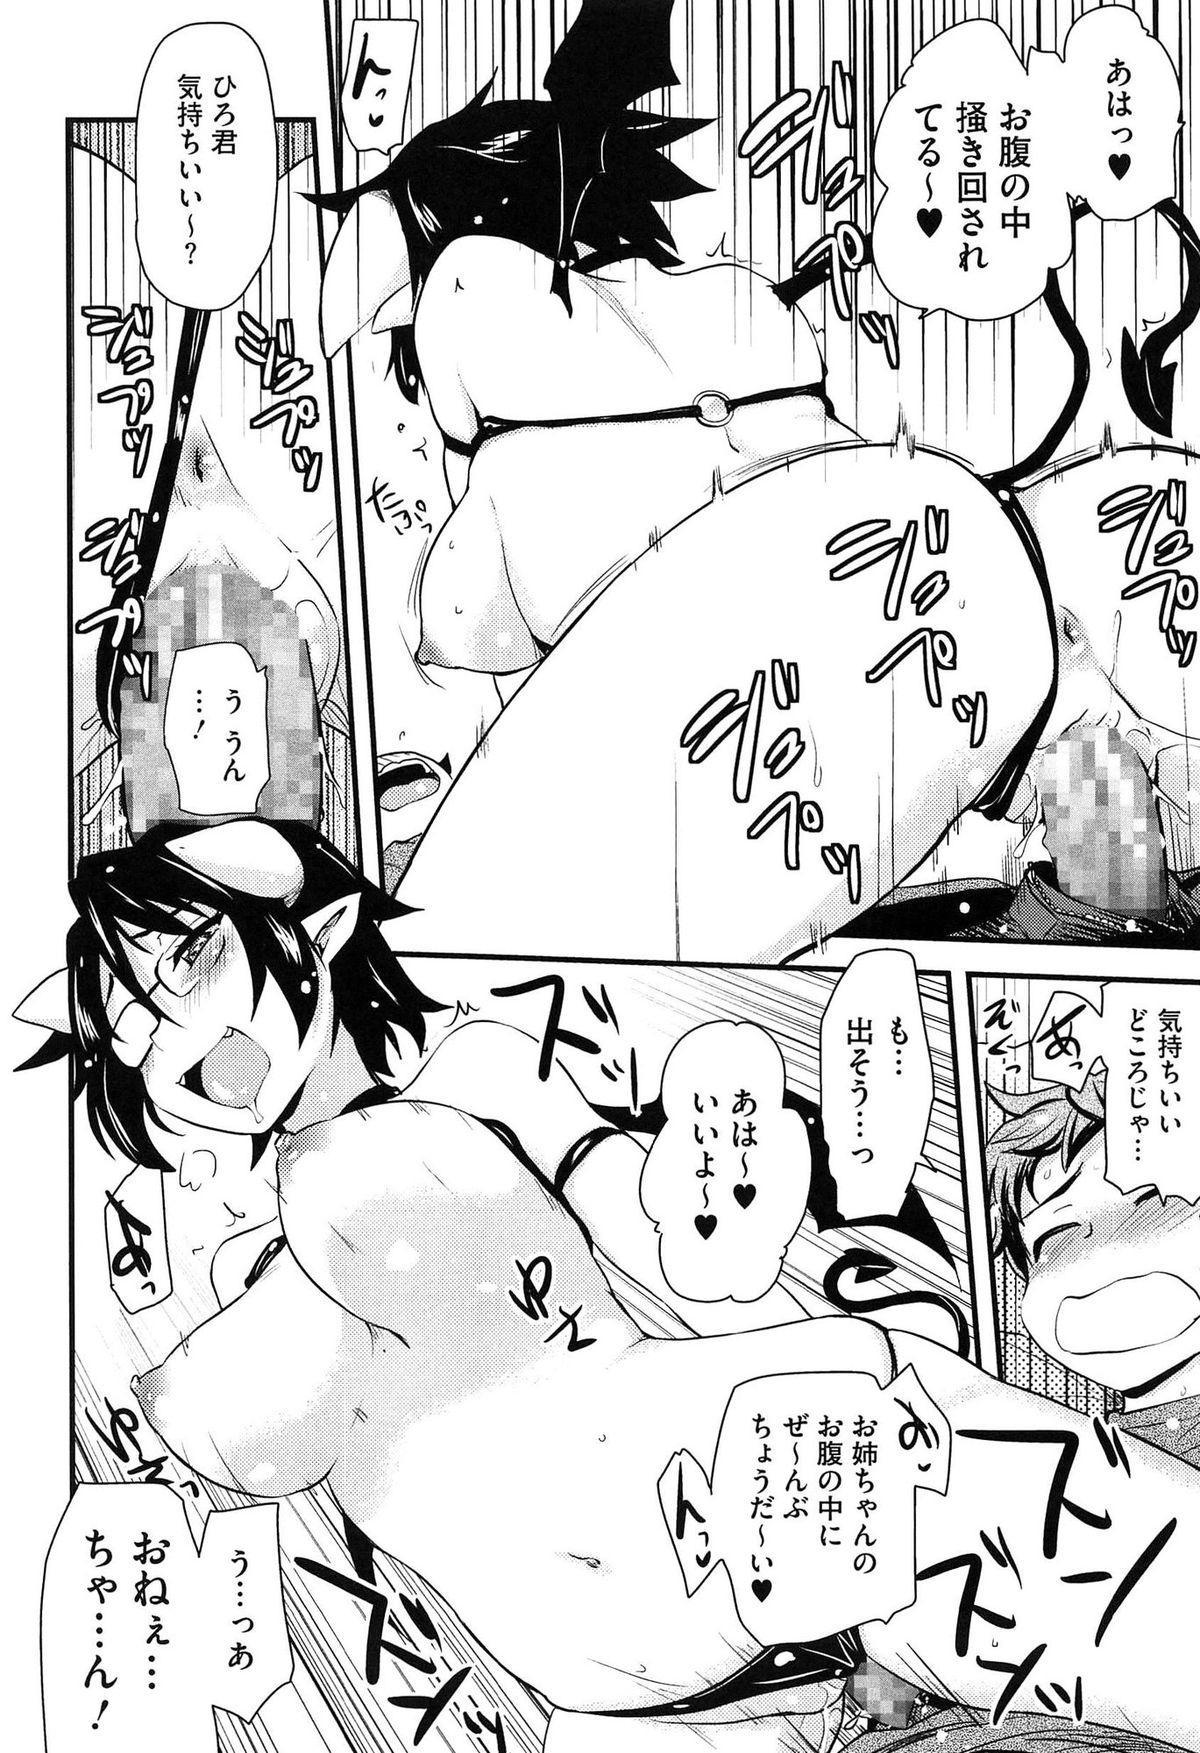 Hotondo no Ane wa H ga Shitai 92